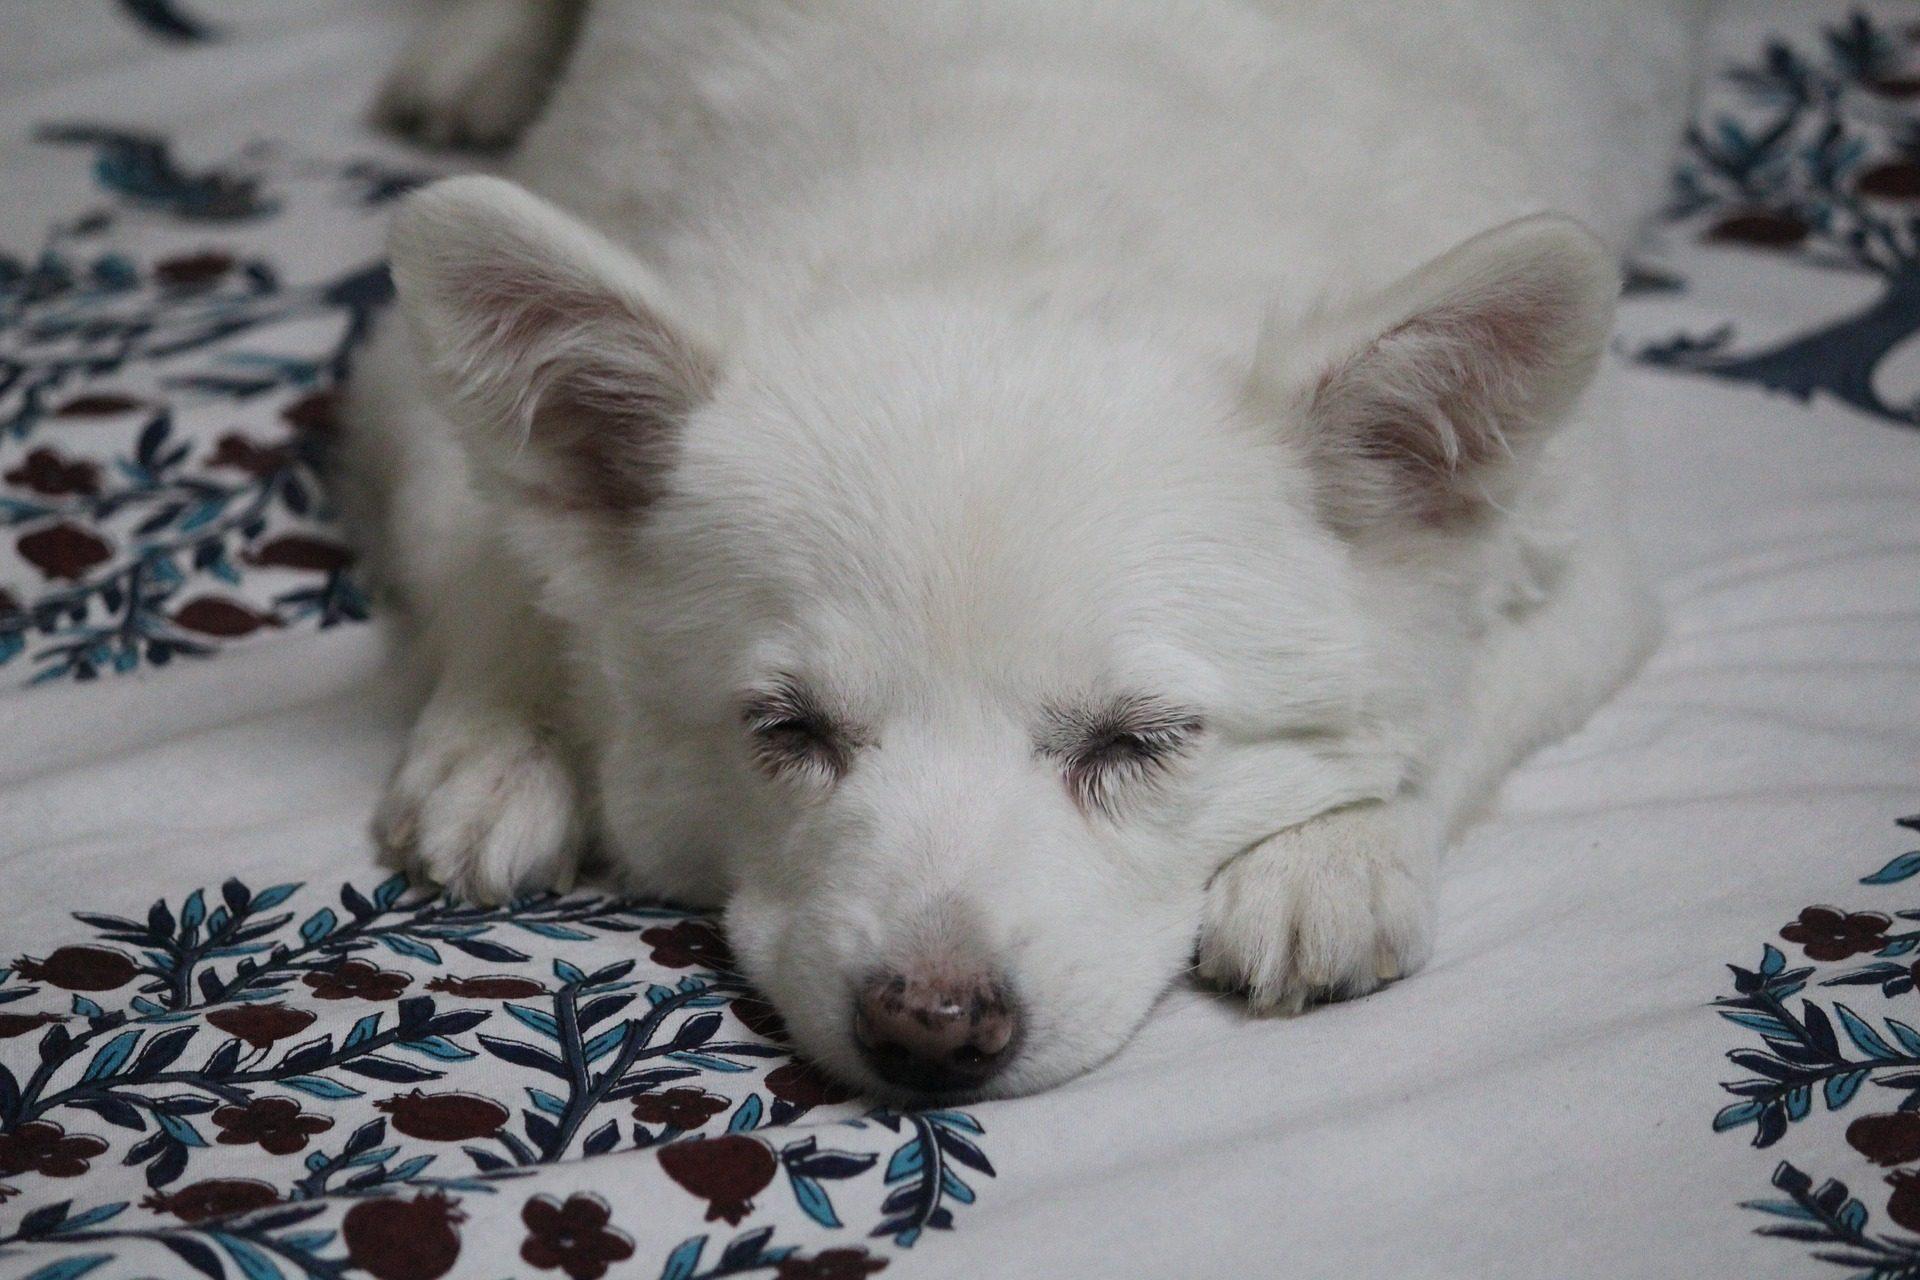 cane, Animale domestico, addormentato, resto, rilassarsi - Sfondi HD - Professor-falken.com